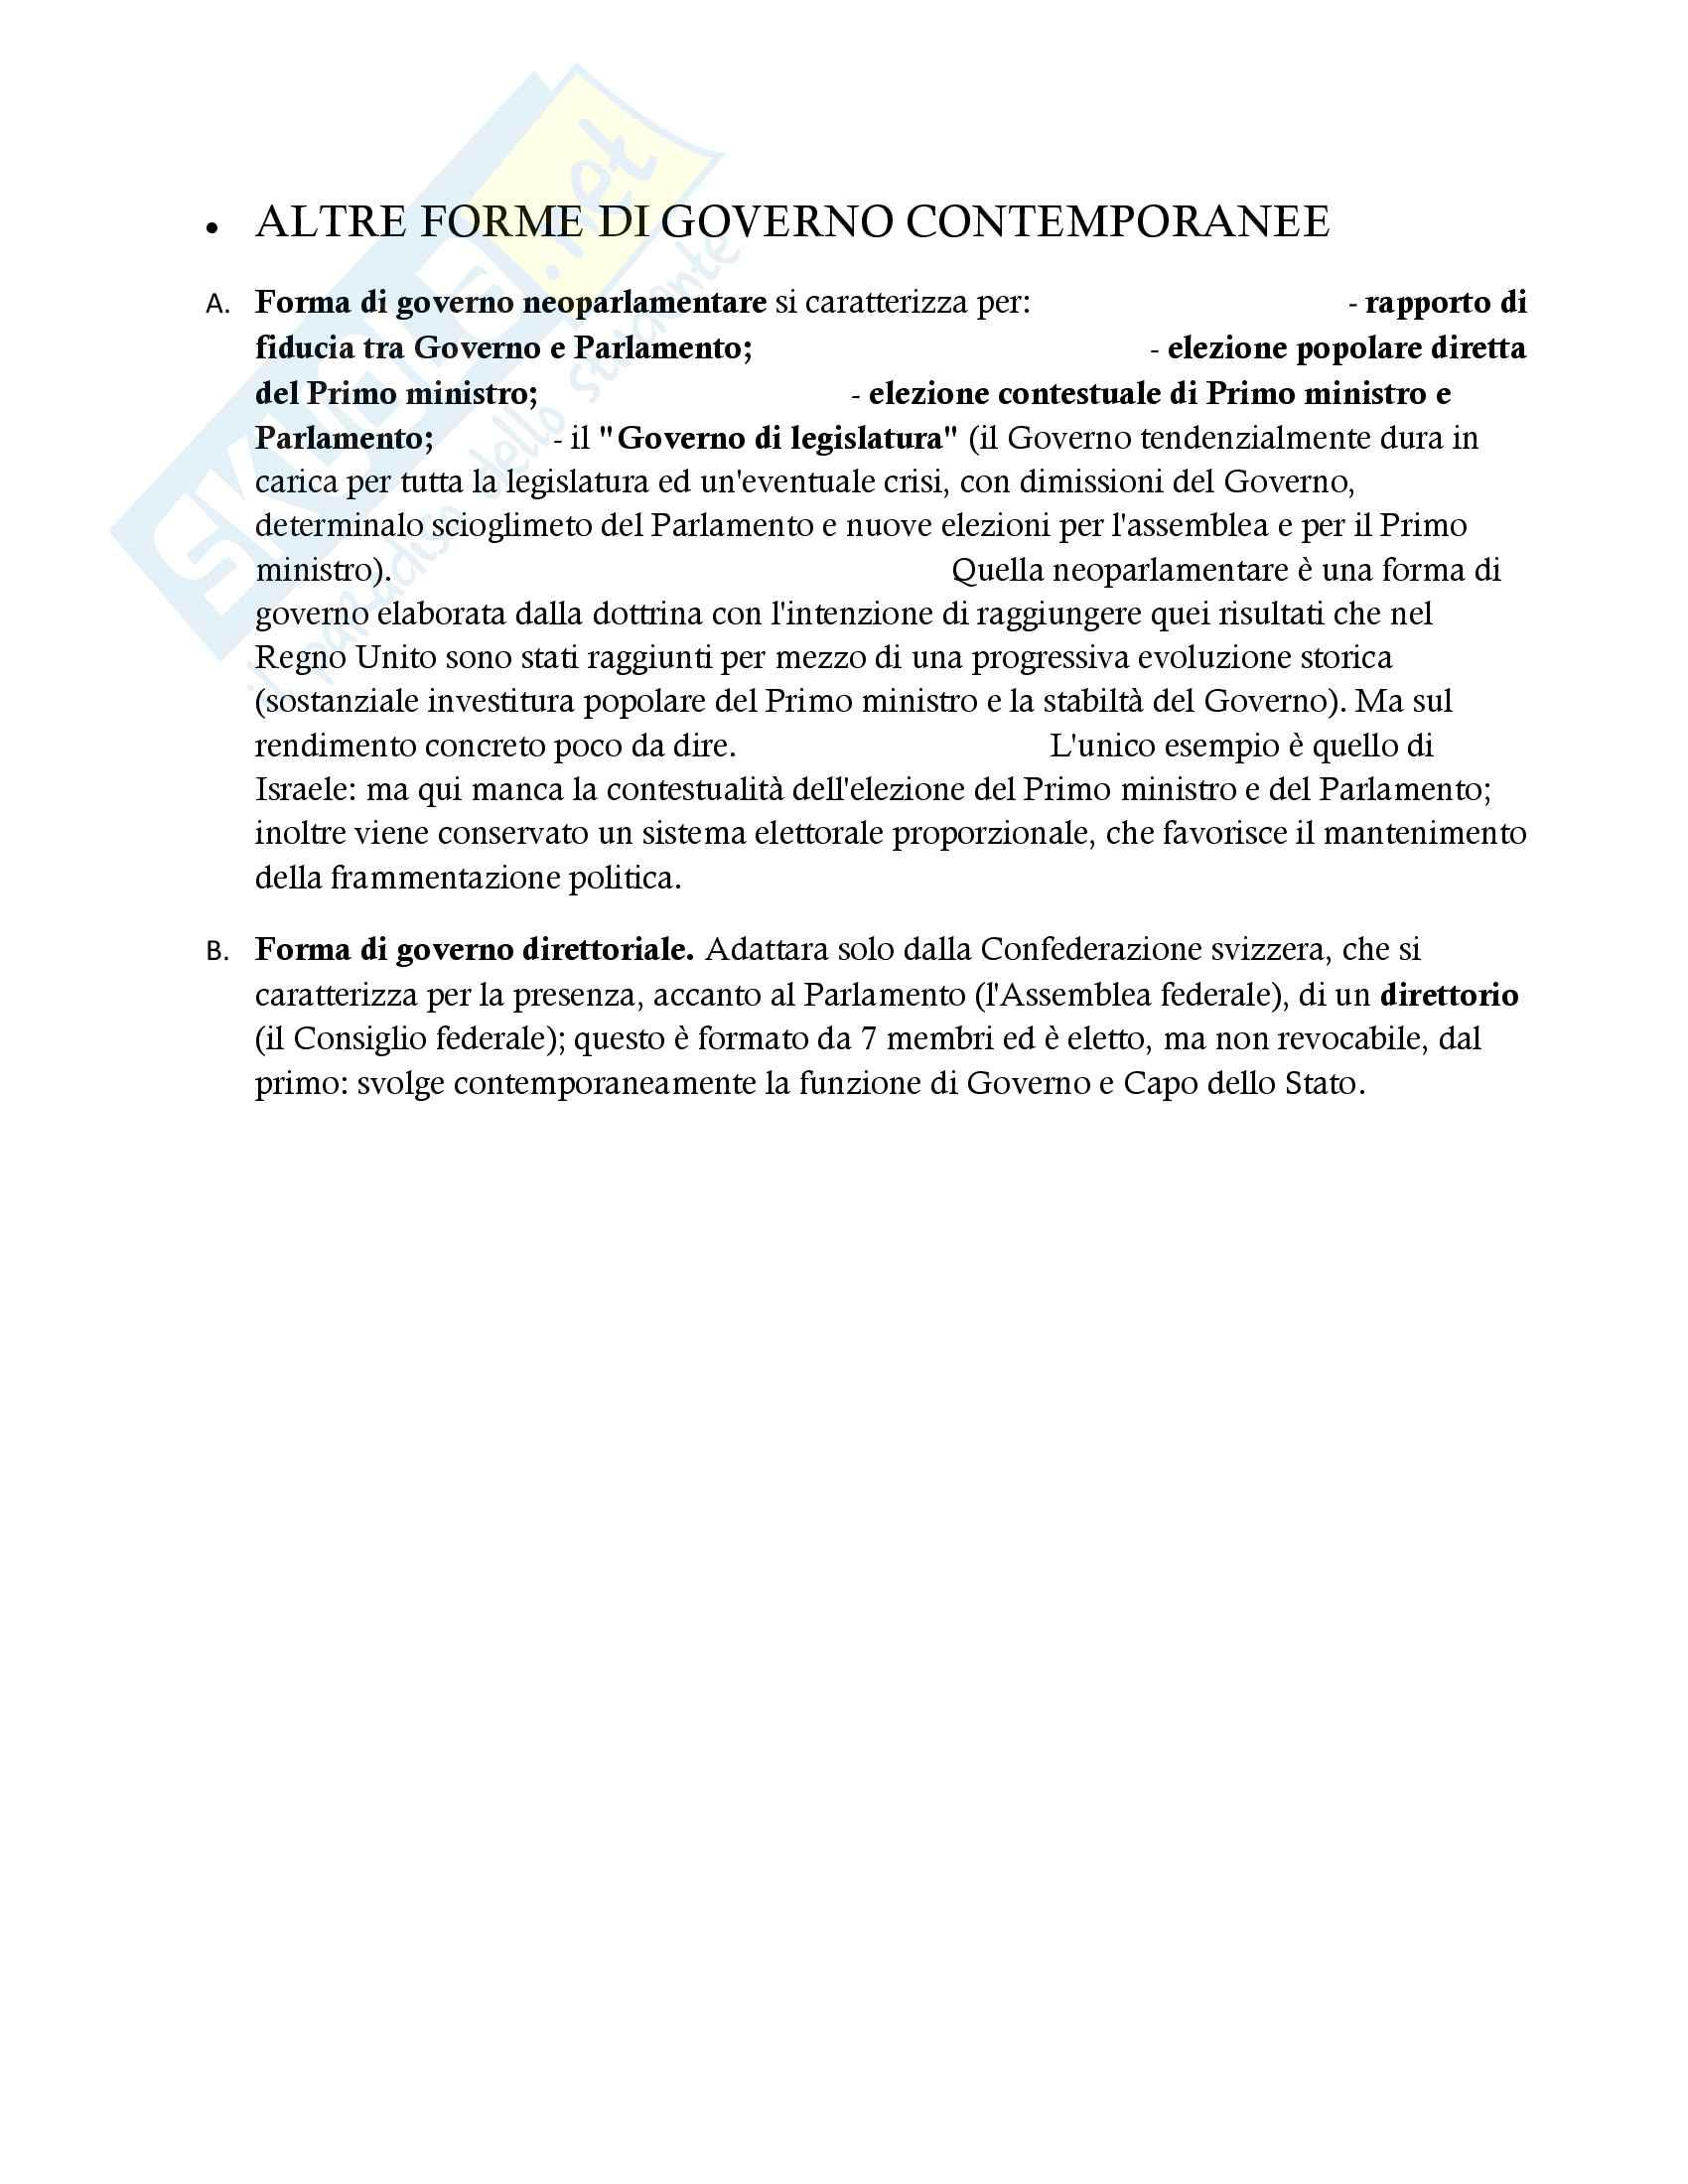 Appunti e riassunti completi per preparare l'esame di diritto costituzionale